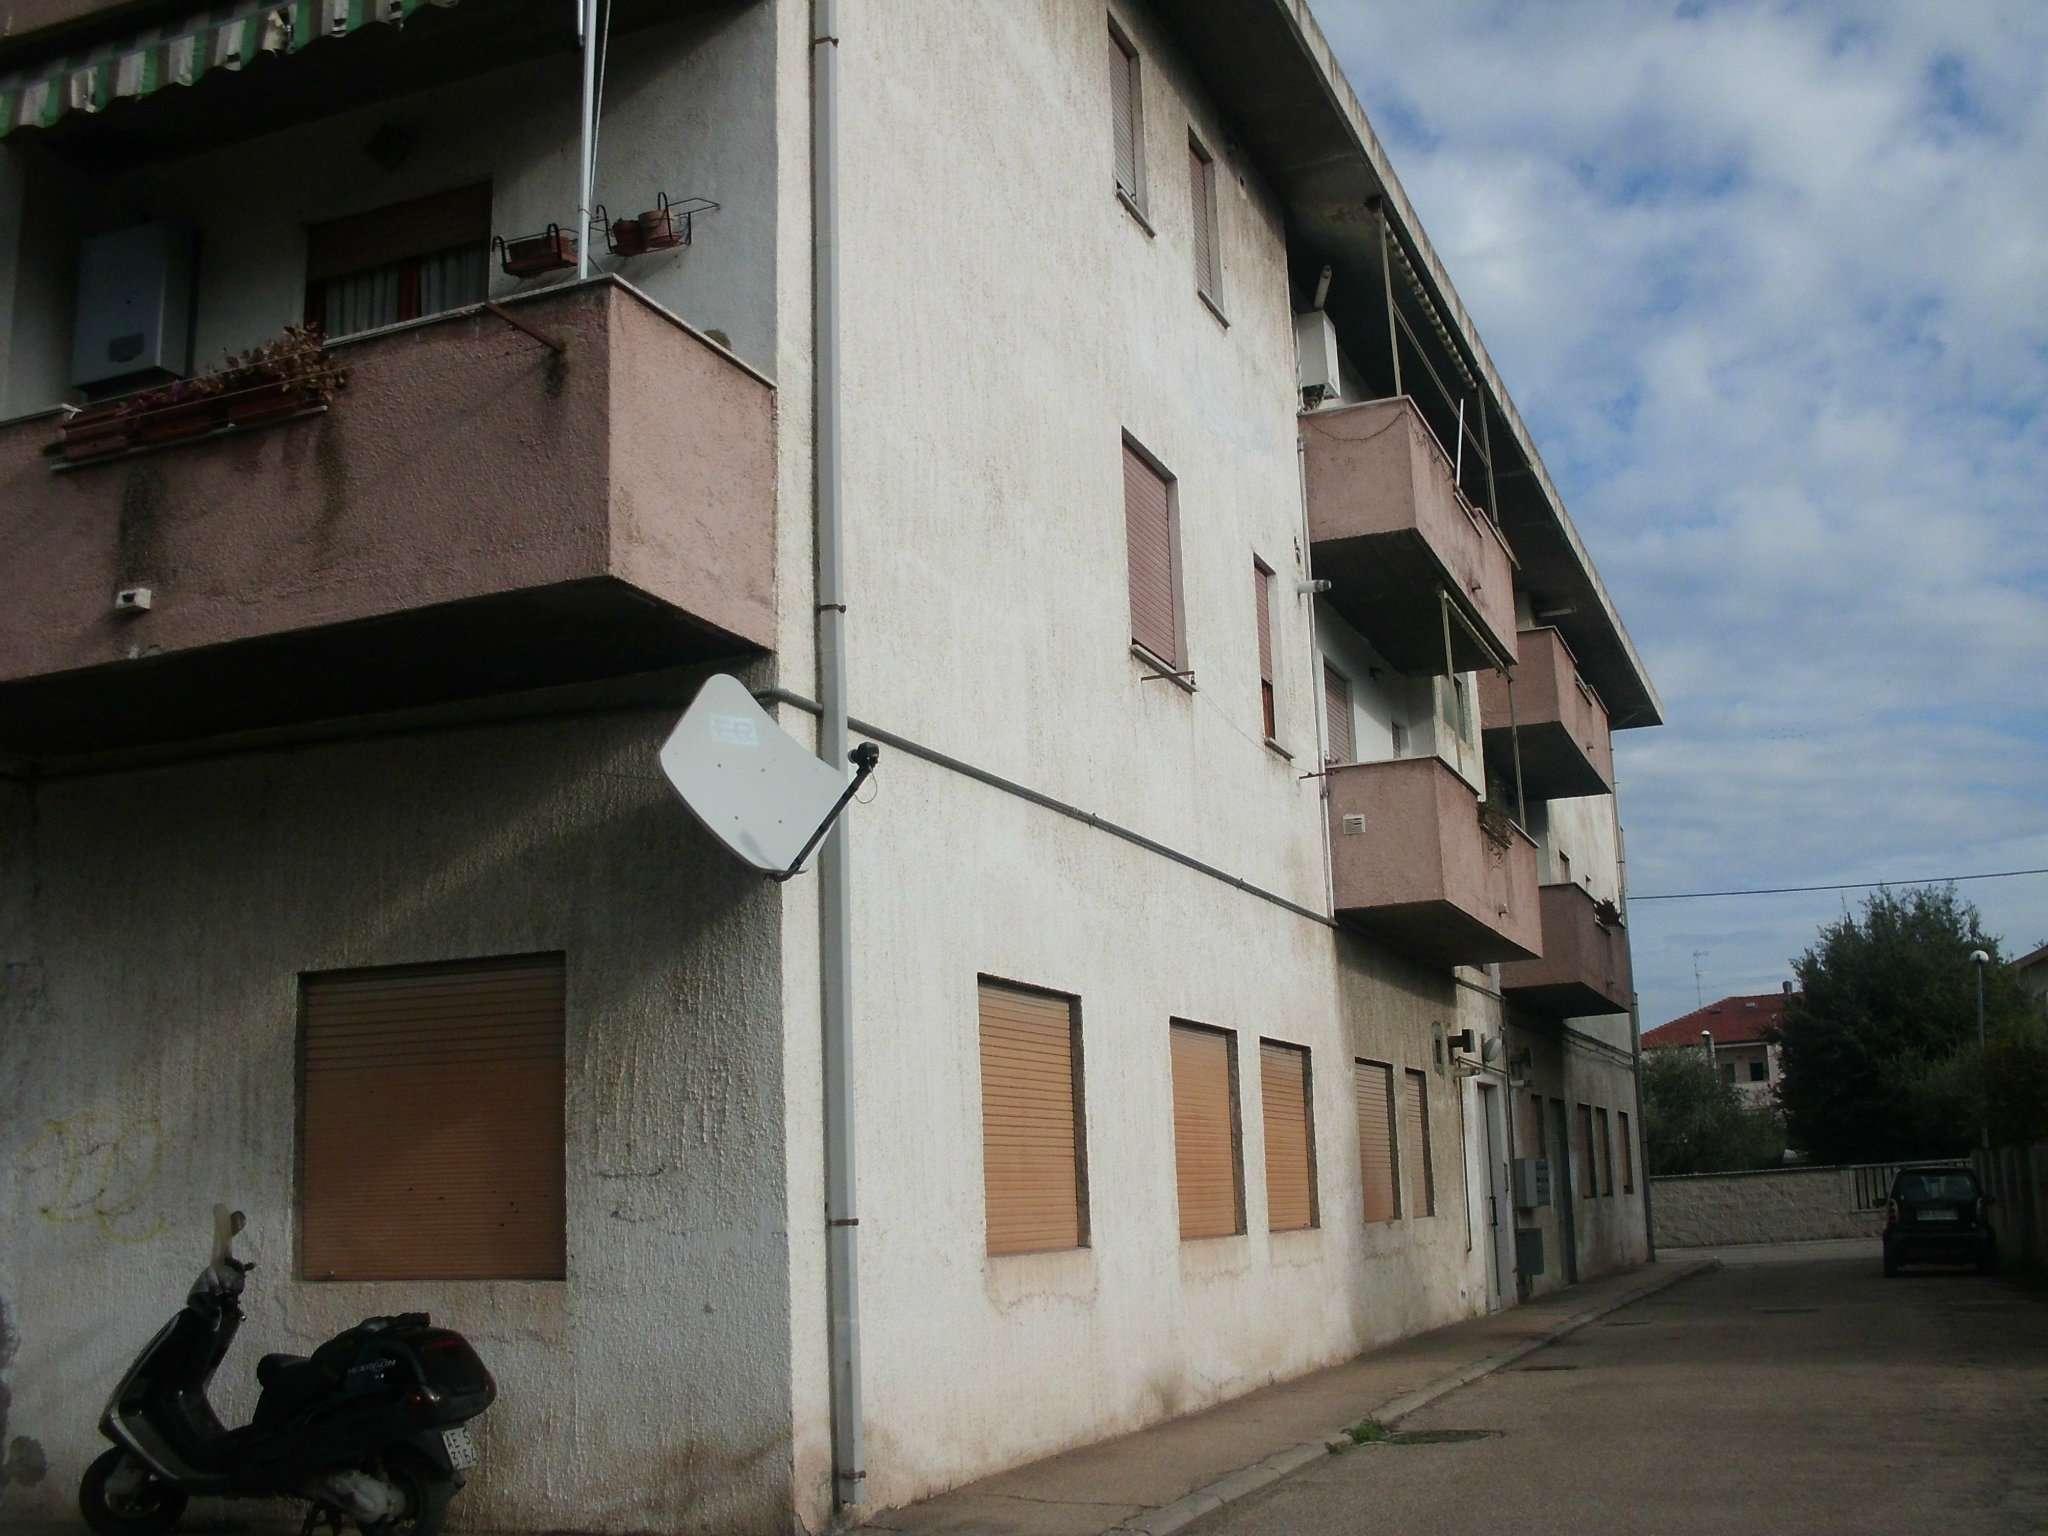 Attico / Mansarda in affitto a Montesilvano, 1 locali, prezzo € 300 | Cambio Casa.it